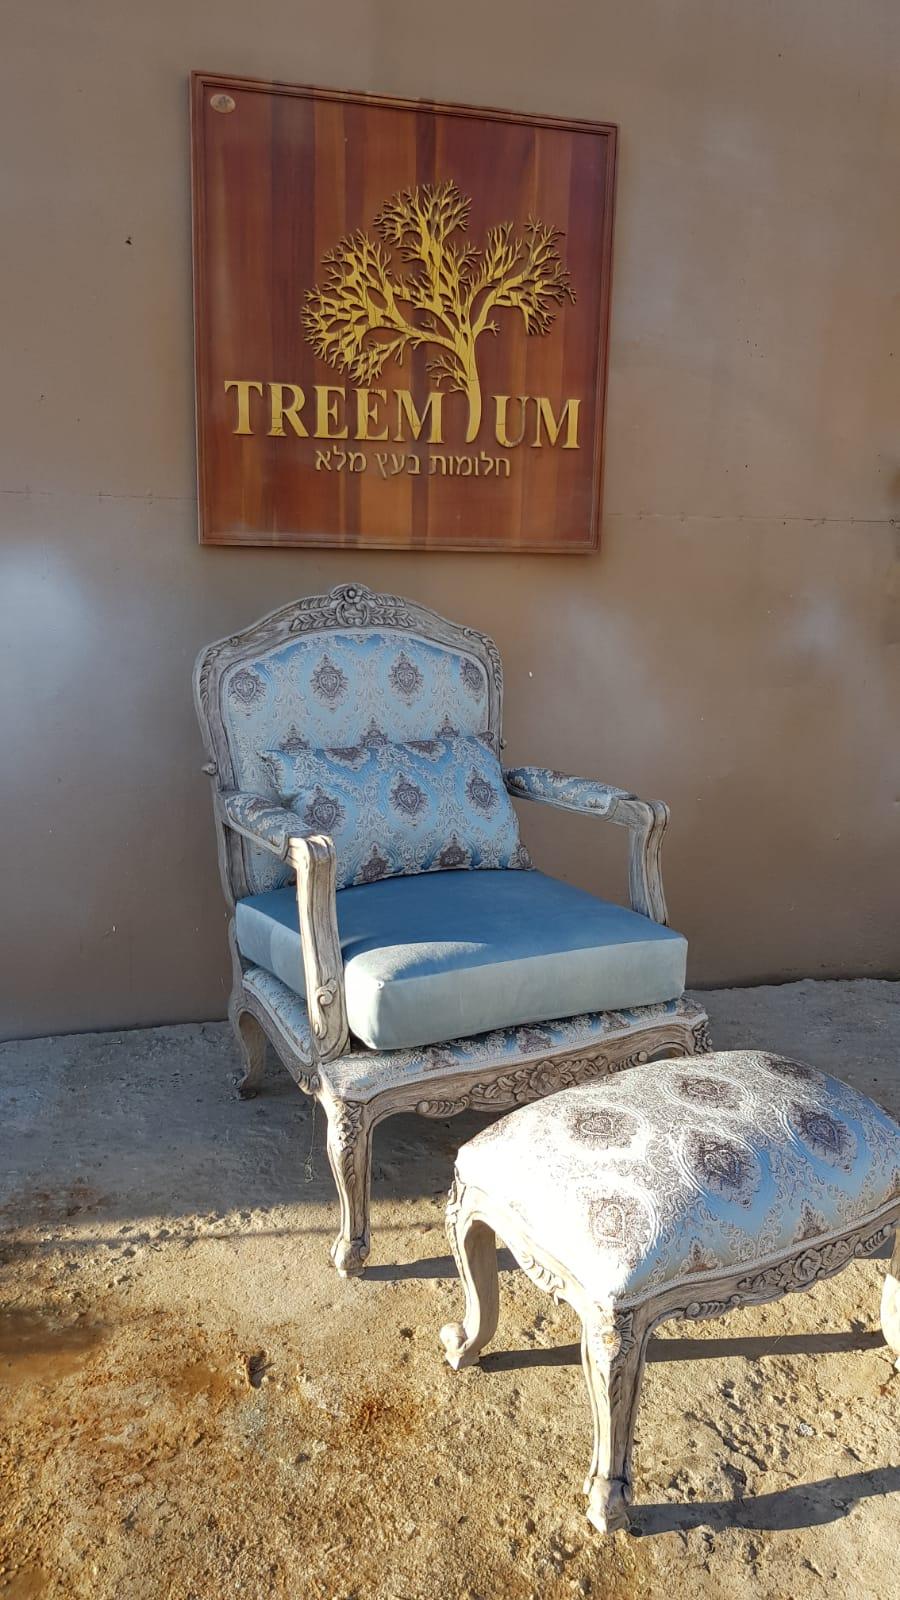 crs ord.2397 treemium